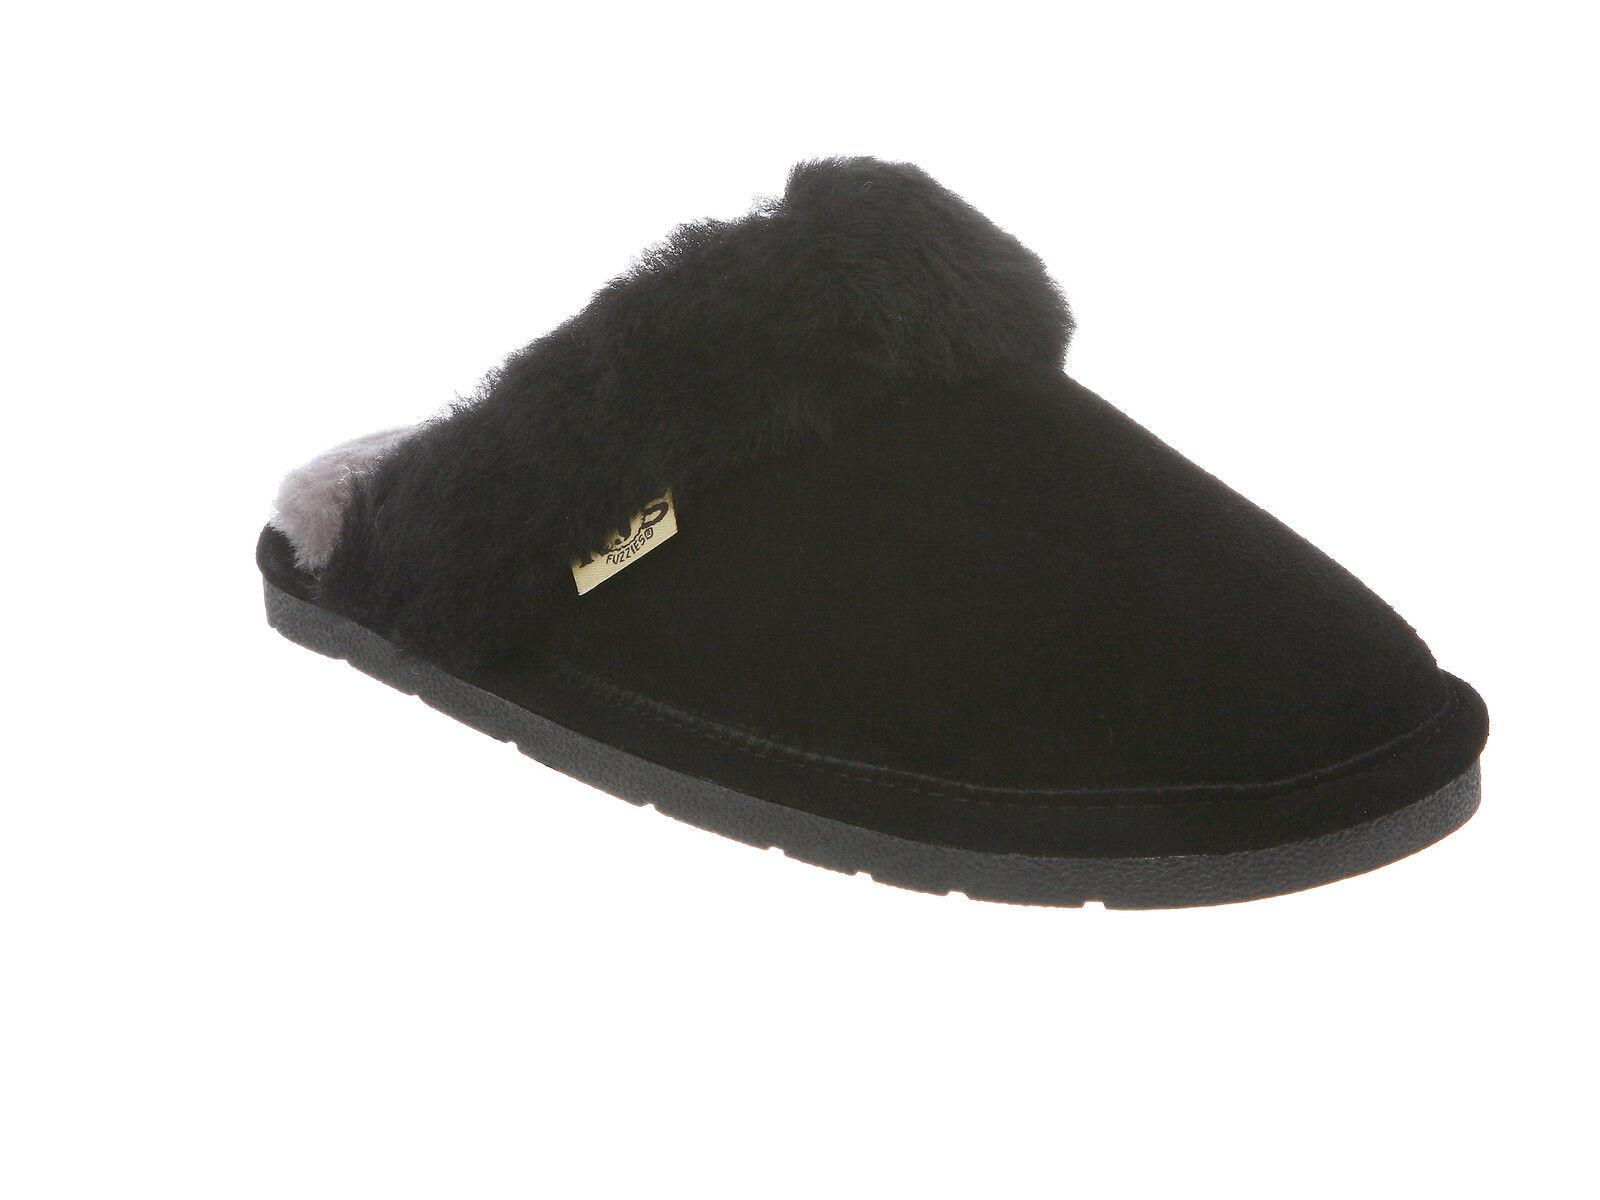 precio al por mayor Rj's Cloud Nine Original Piel de oveja señoras desgaste Zapatillas Zapatillas Zapatillas Negra Medium (m, b)  grandes precios de descuento